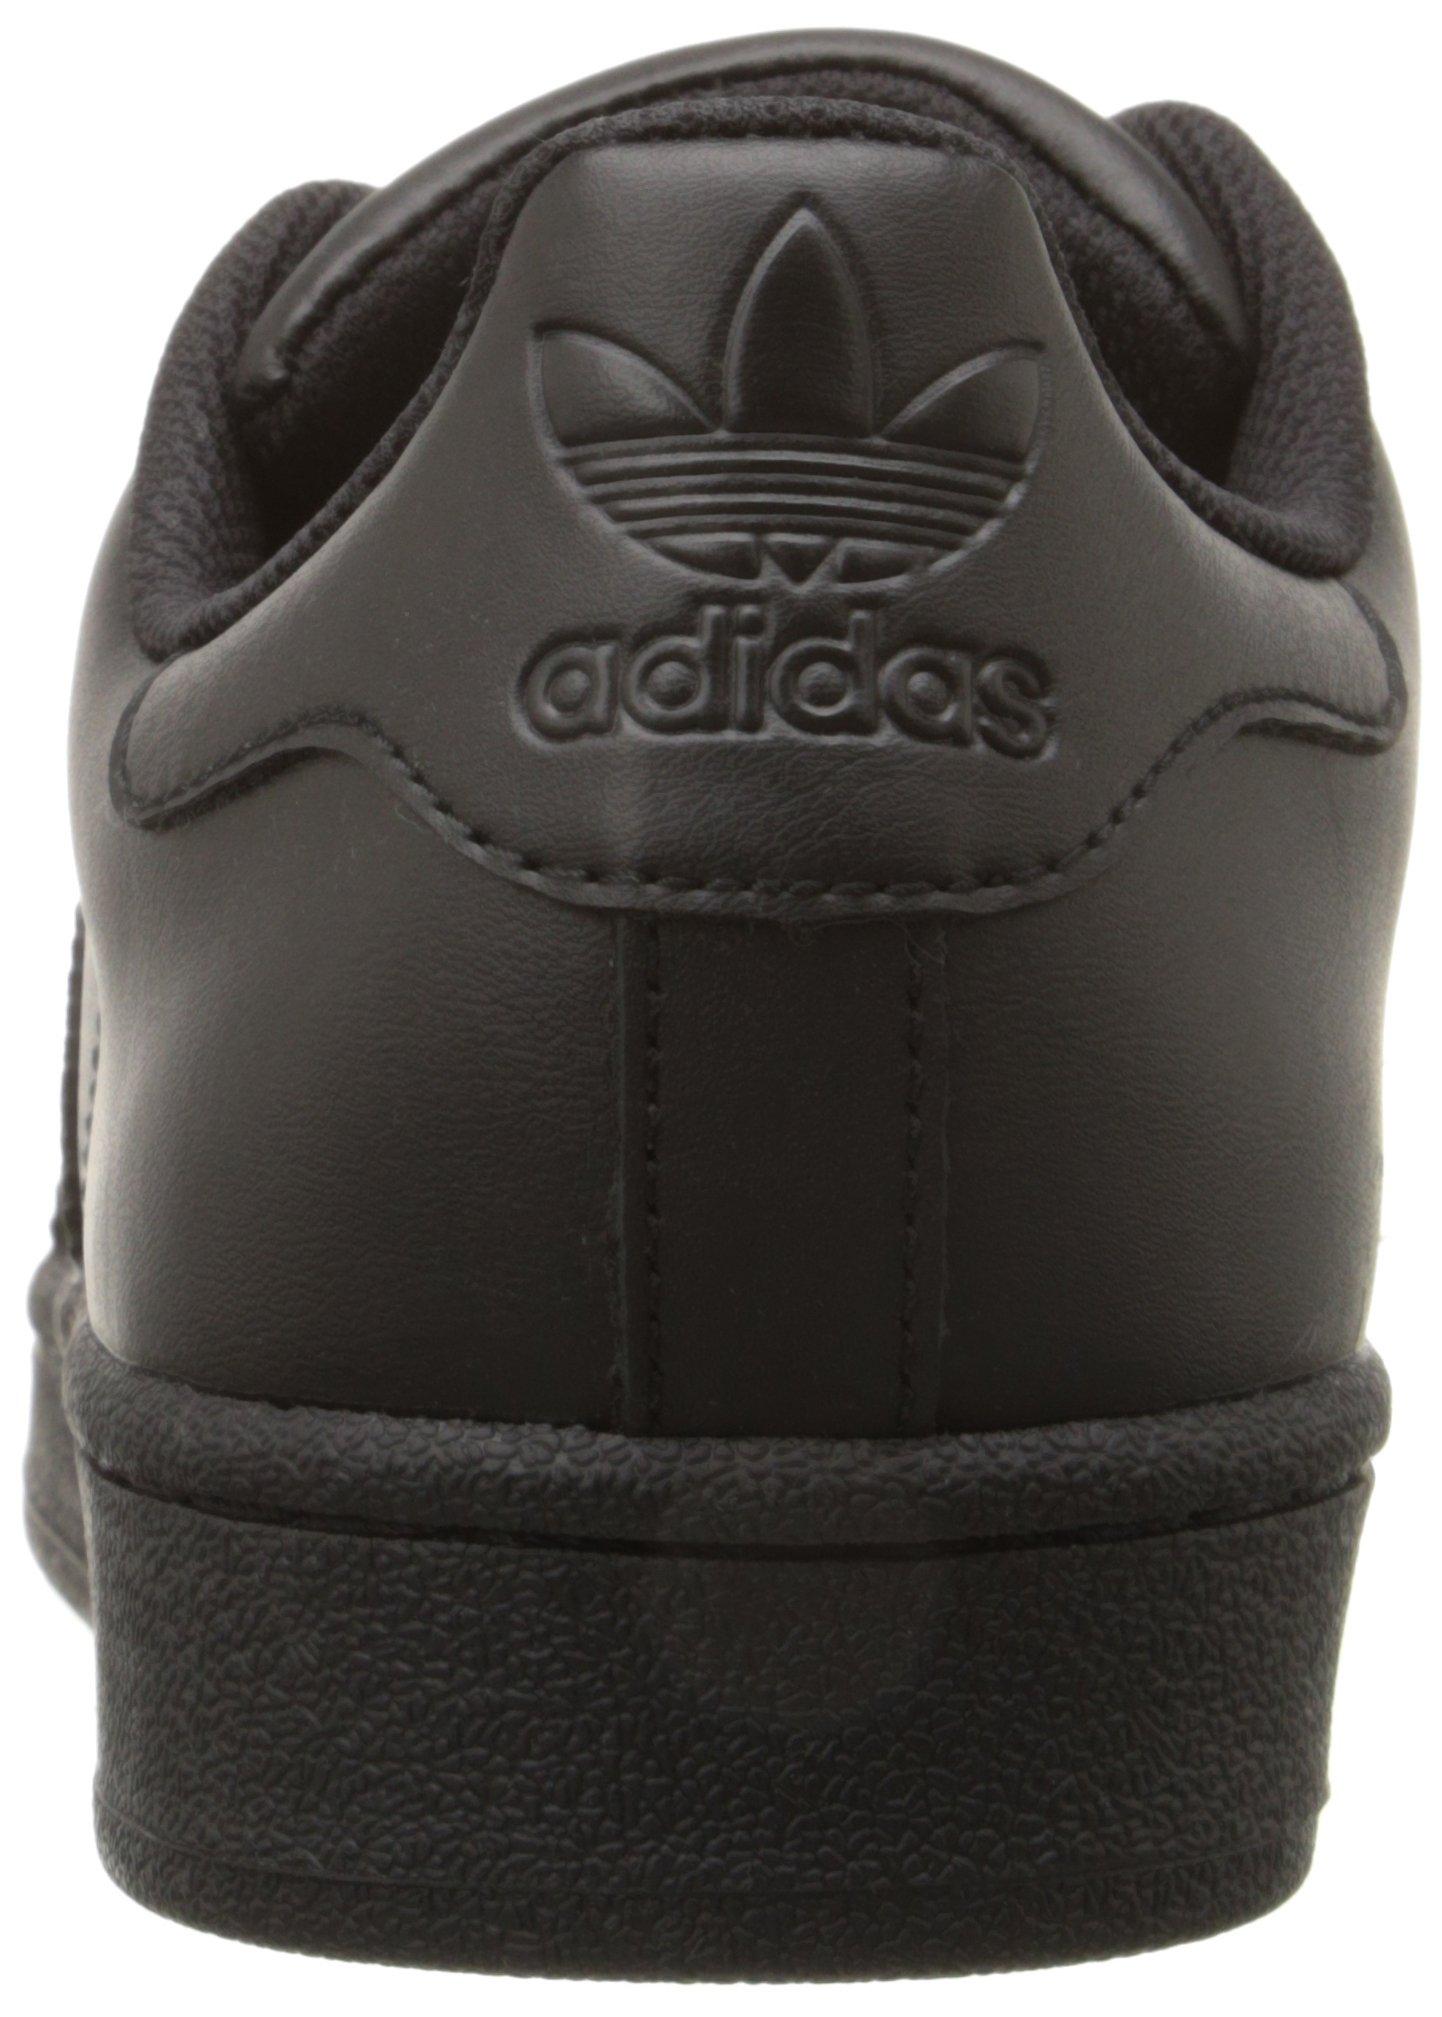 Adidas Superstar Foundation Black Mens Trainers - AF5666 - Size 9 UK